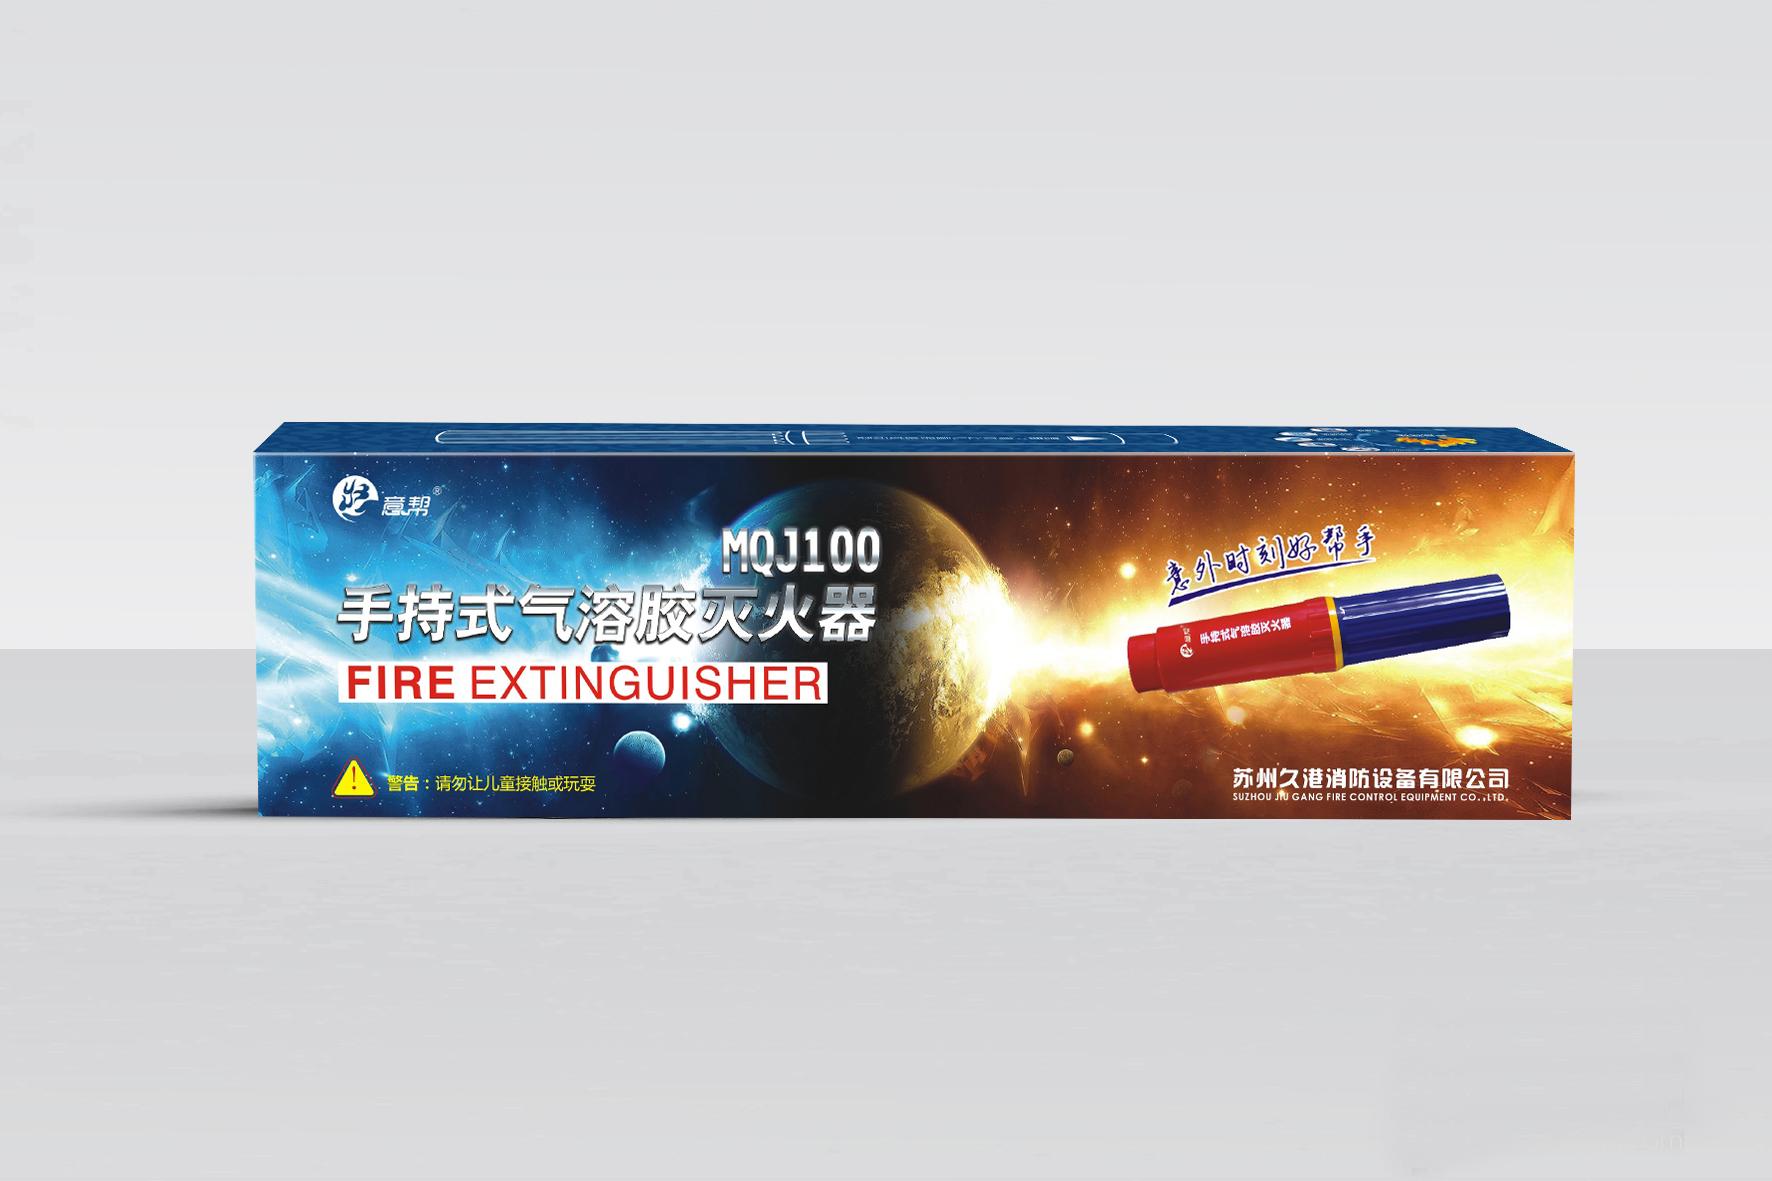 工业产品包装 灯泡包装灭火器包装密封胶包装水龙头包装散热器包